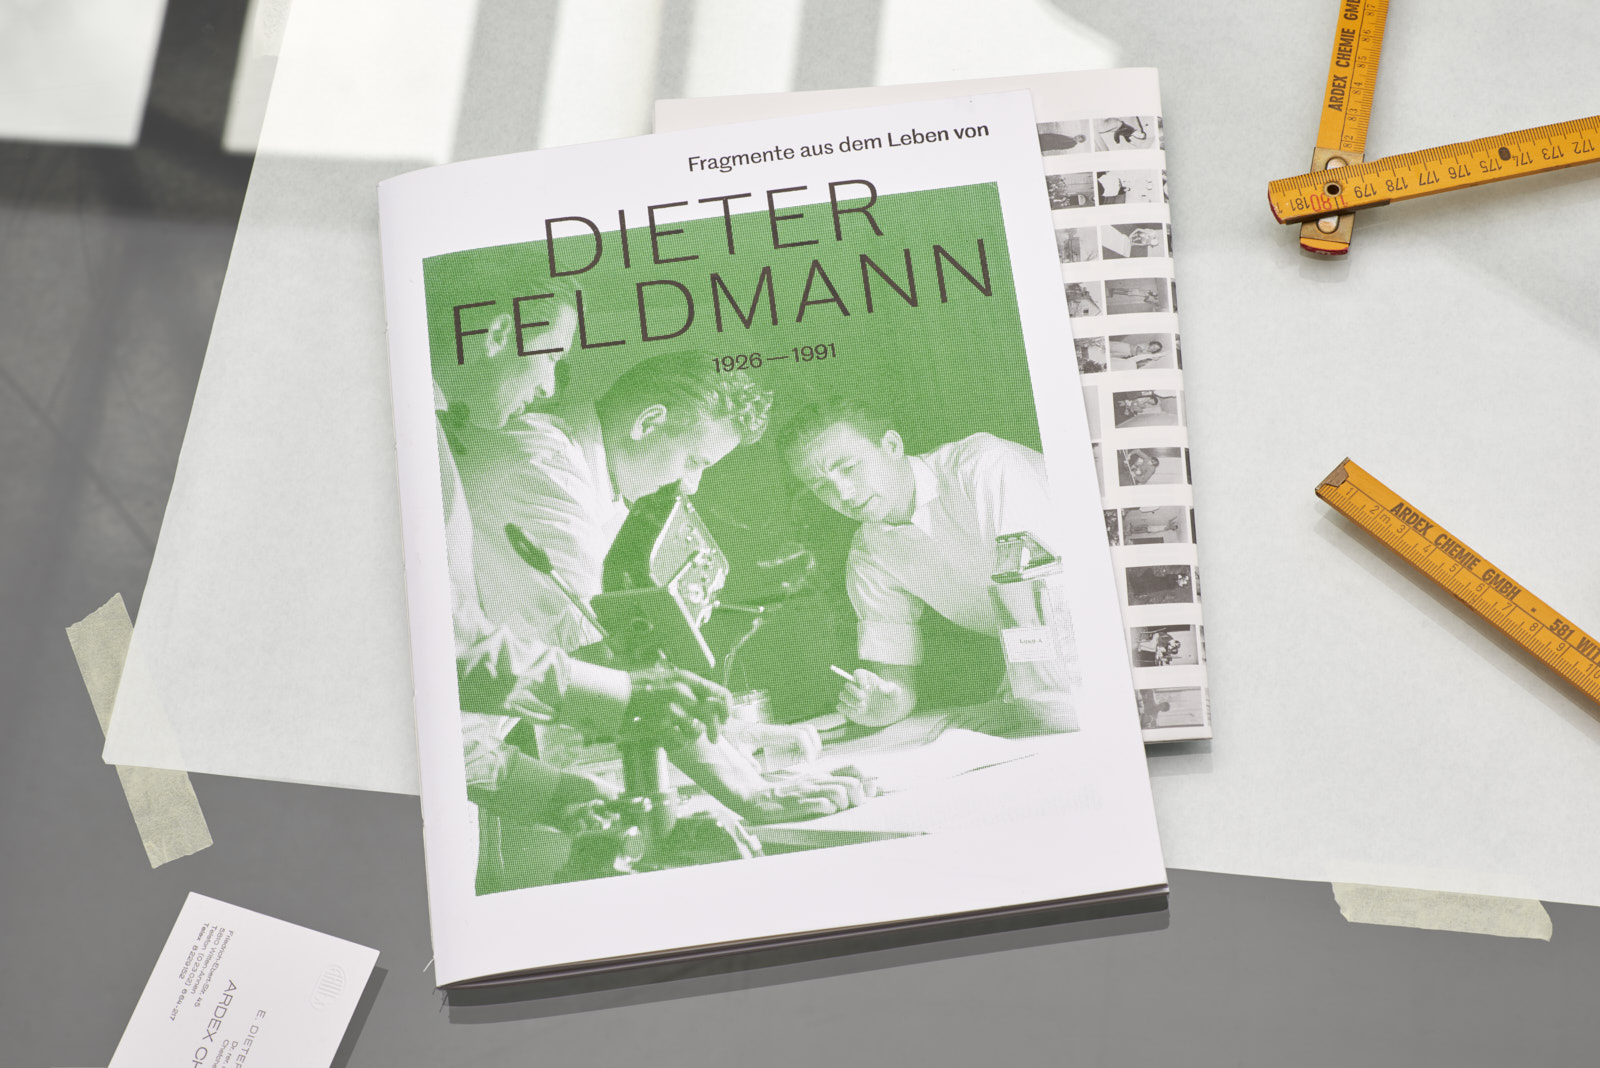 Dieter Feldmann